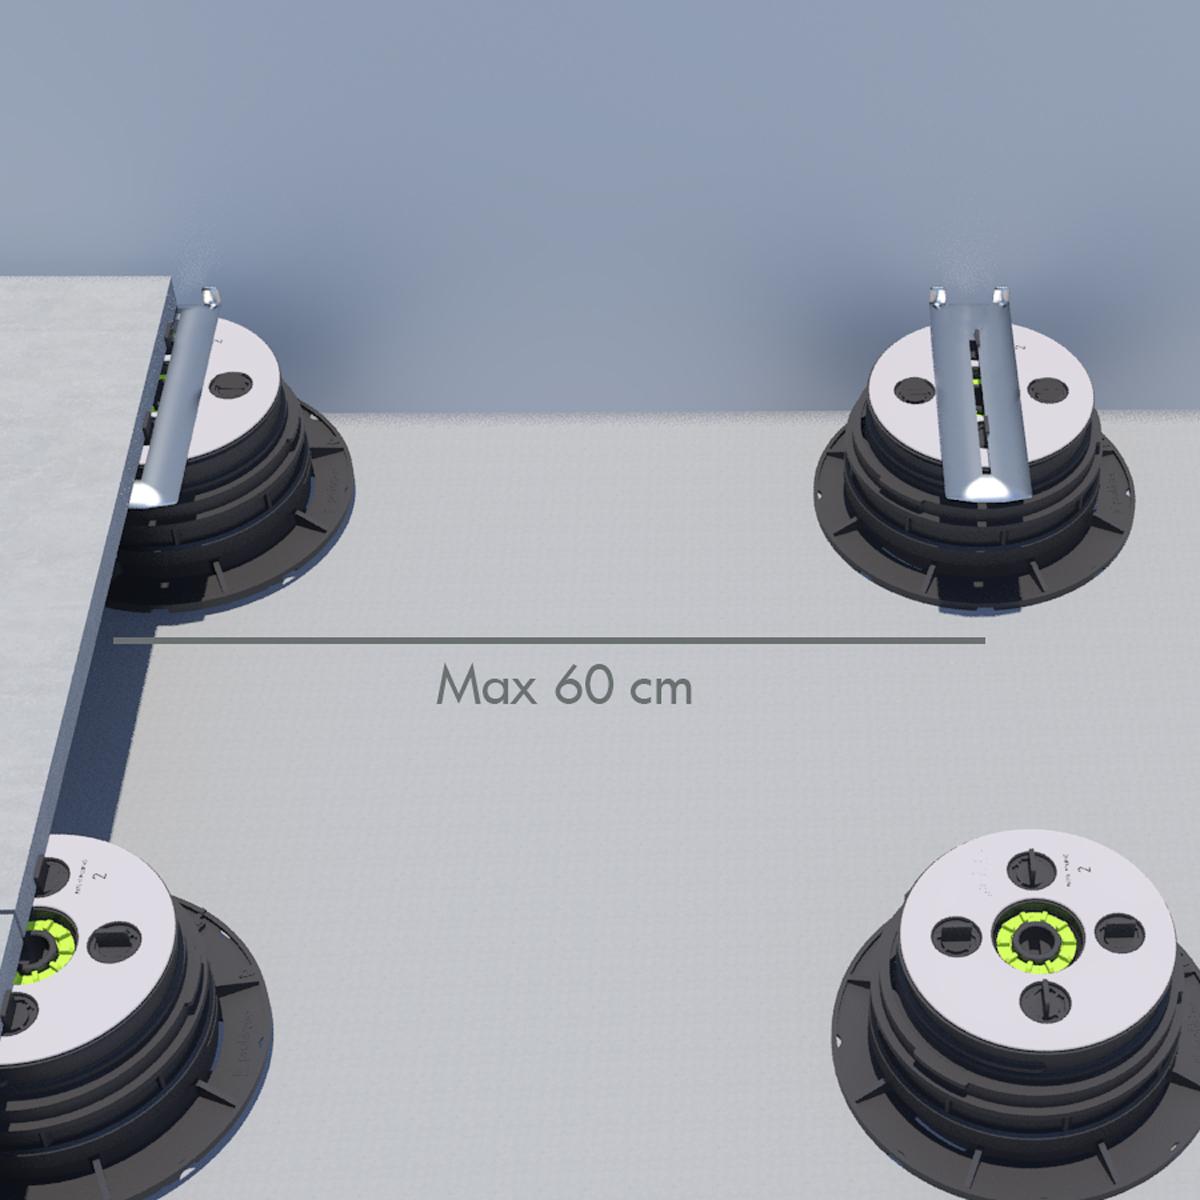 Uptec | Distanza max supporti